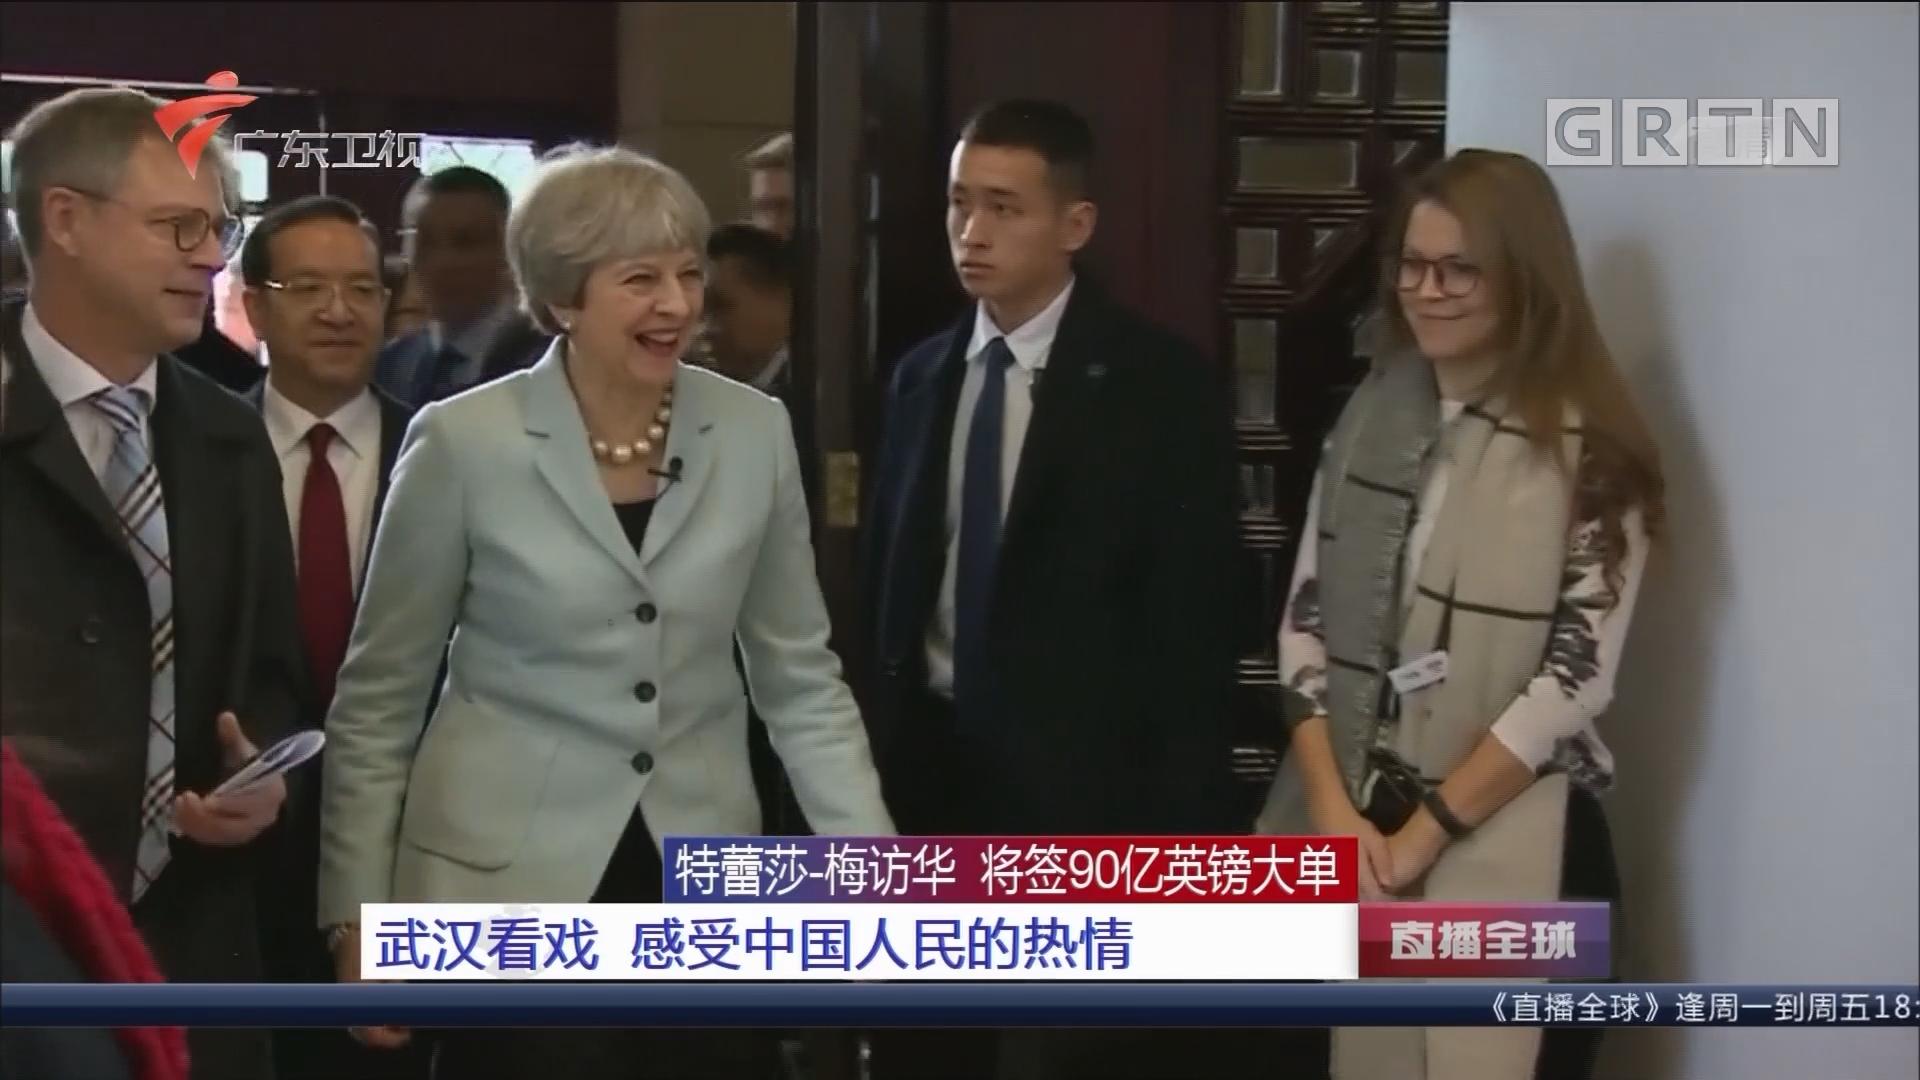 特蕾莎—梅访华 将签90亿英镑大单:武汉看戏 感受中国人民的热情